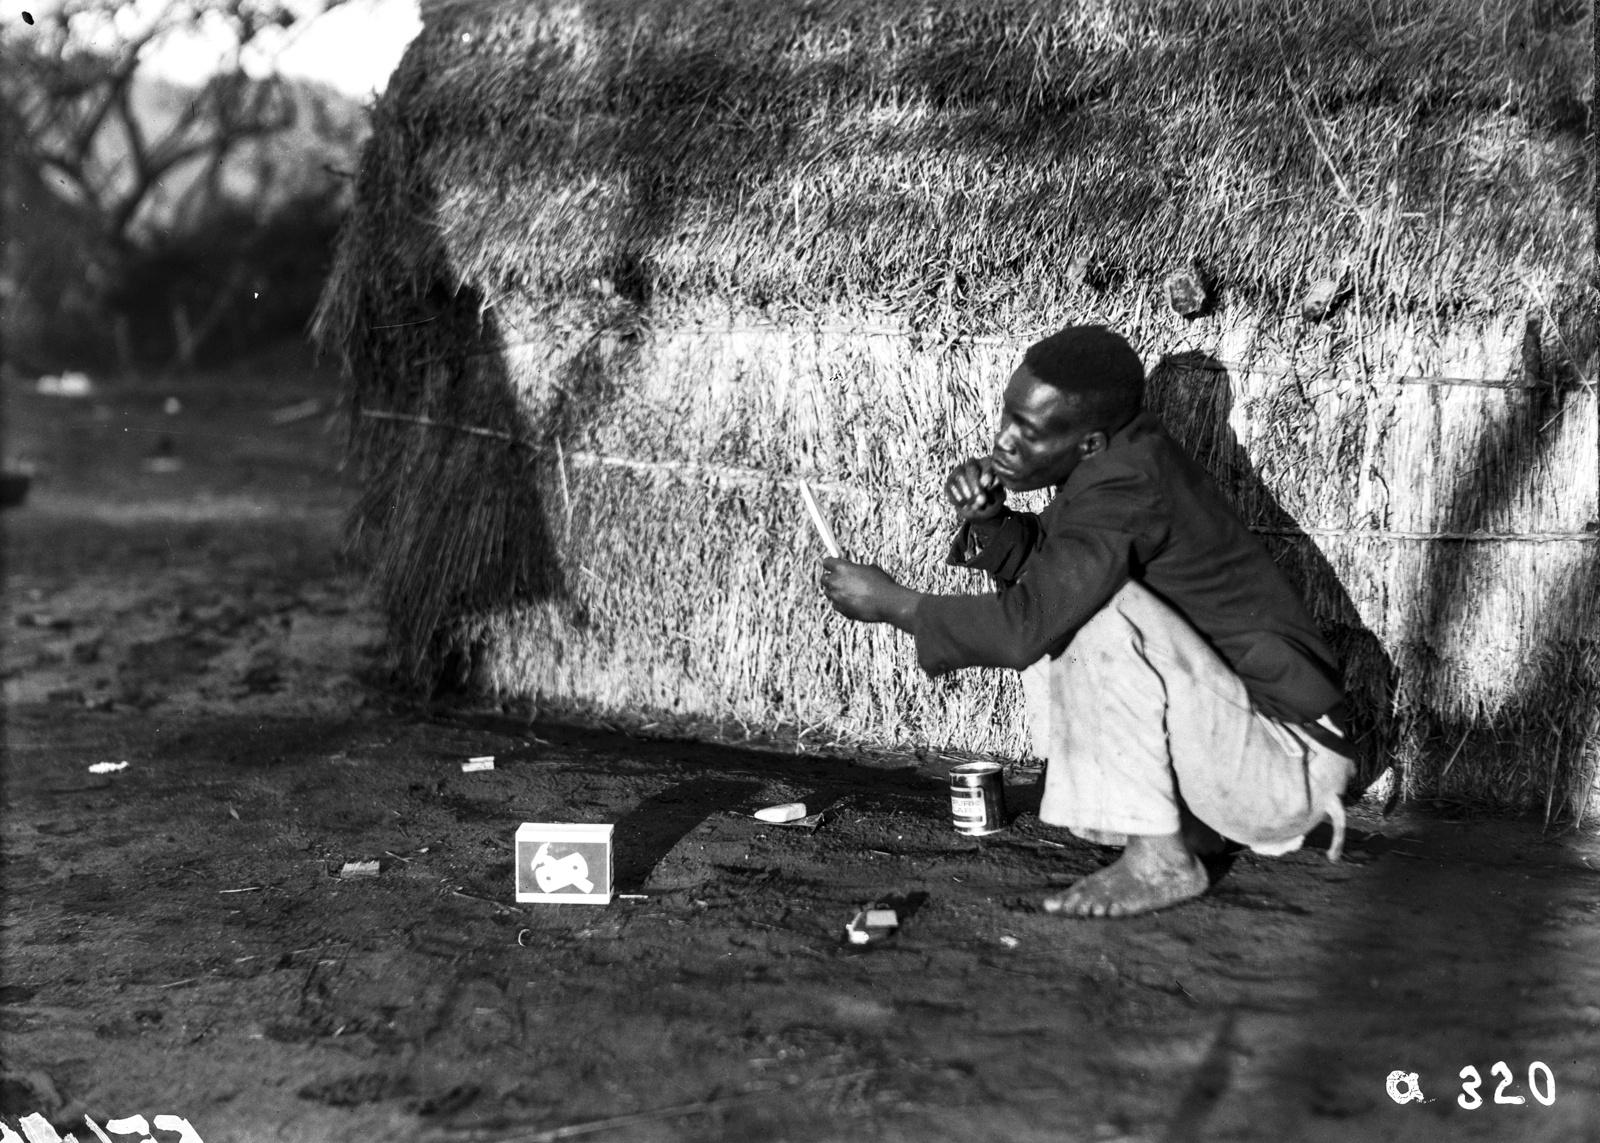 Южно-Африканский Союз. Квазулу-Наталь. Местный житель бреется возле палатки